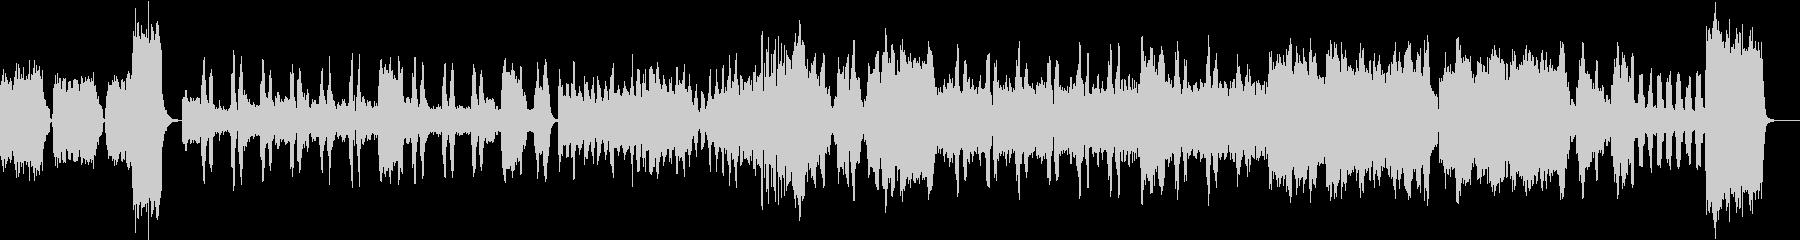 グノー オペラ ファウスト バレエ音楽の未再生の波形